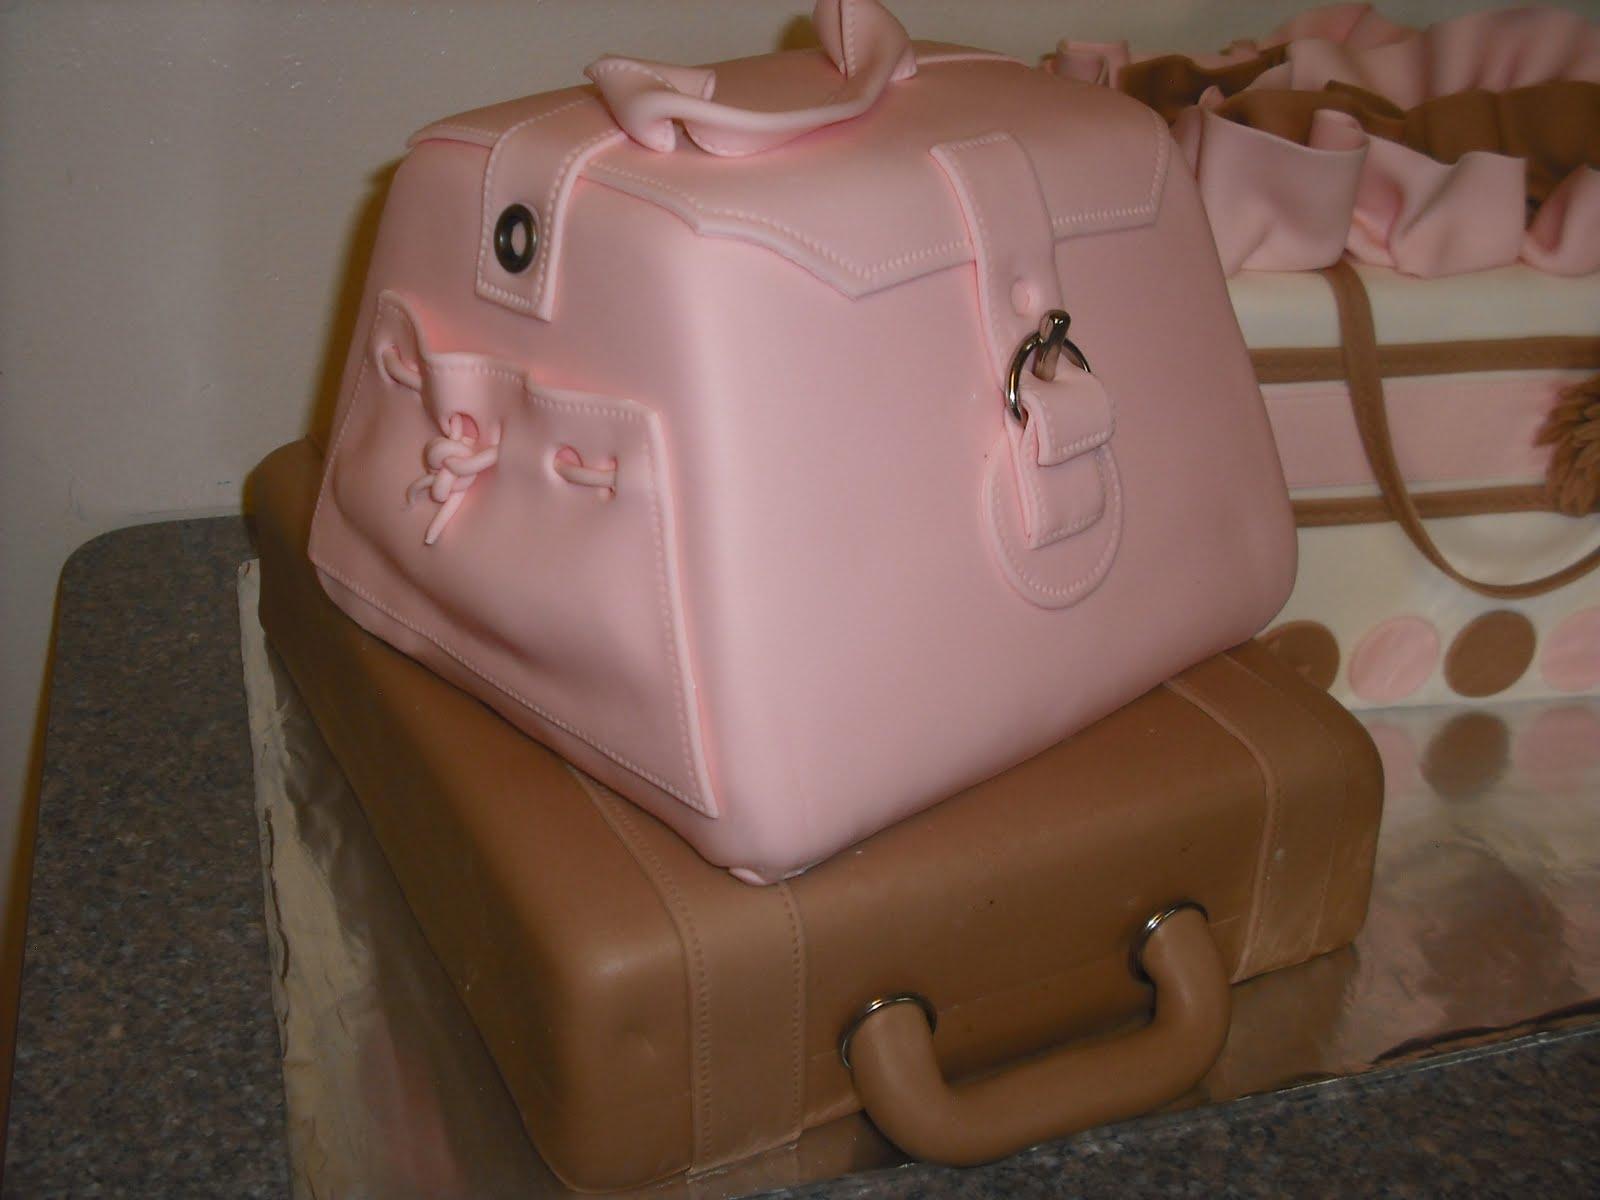 Ashleys Graduation Suitcase